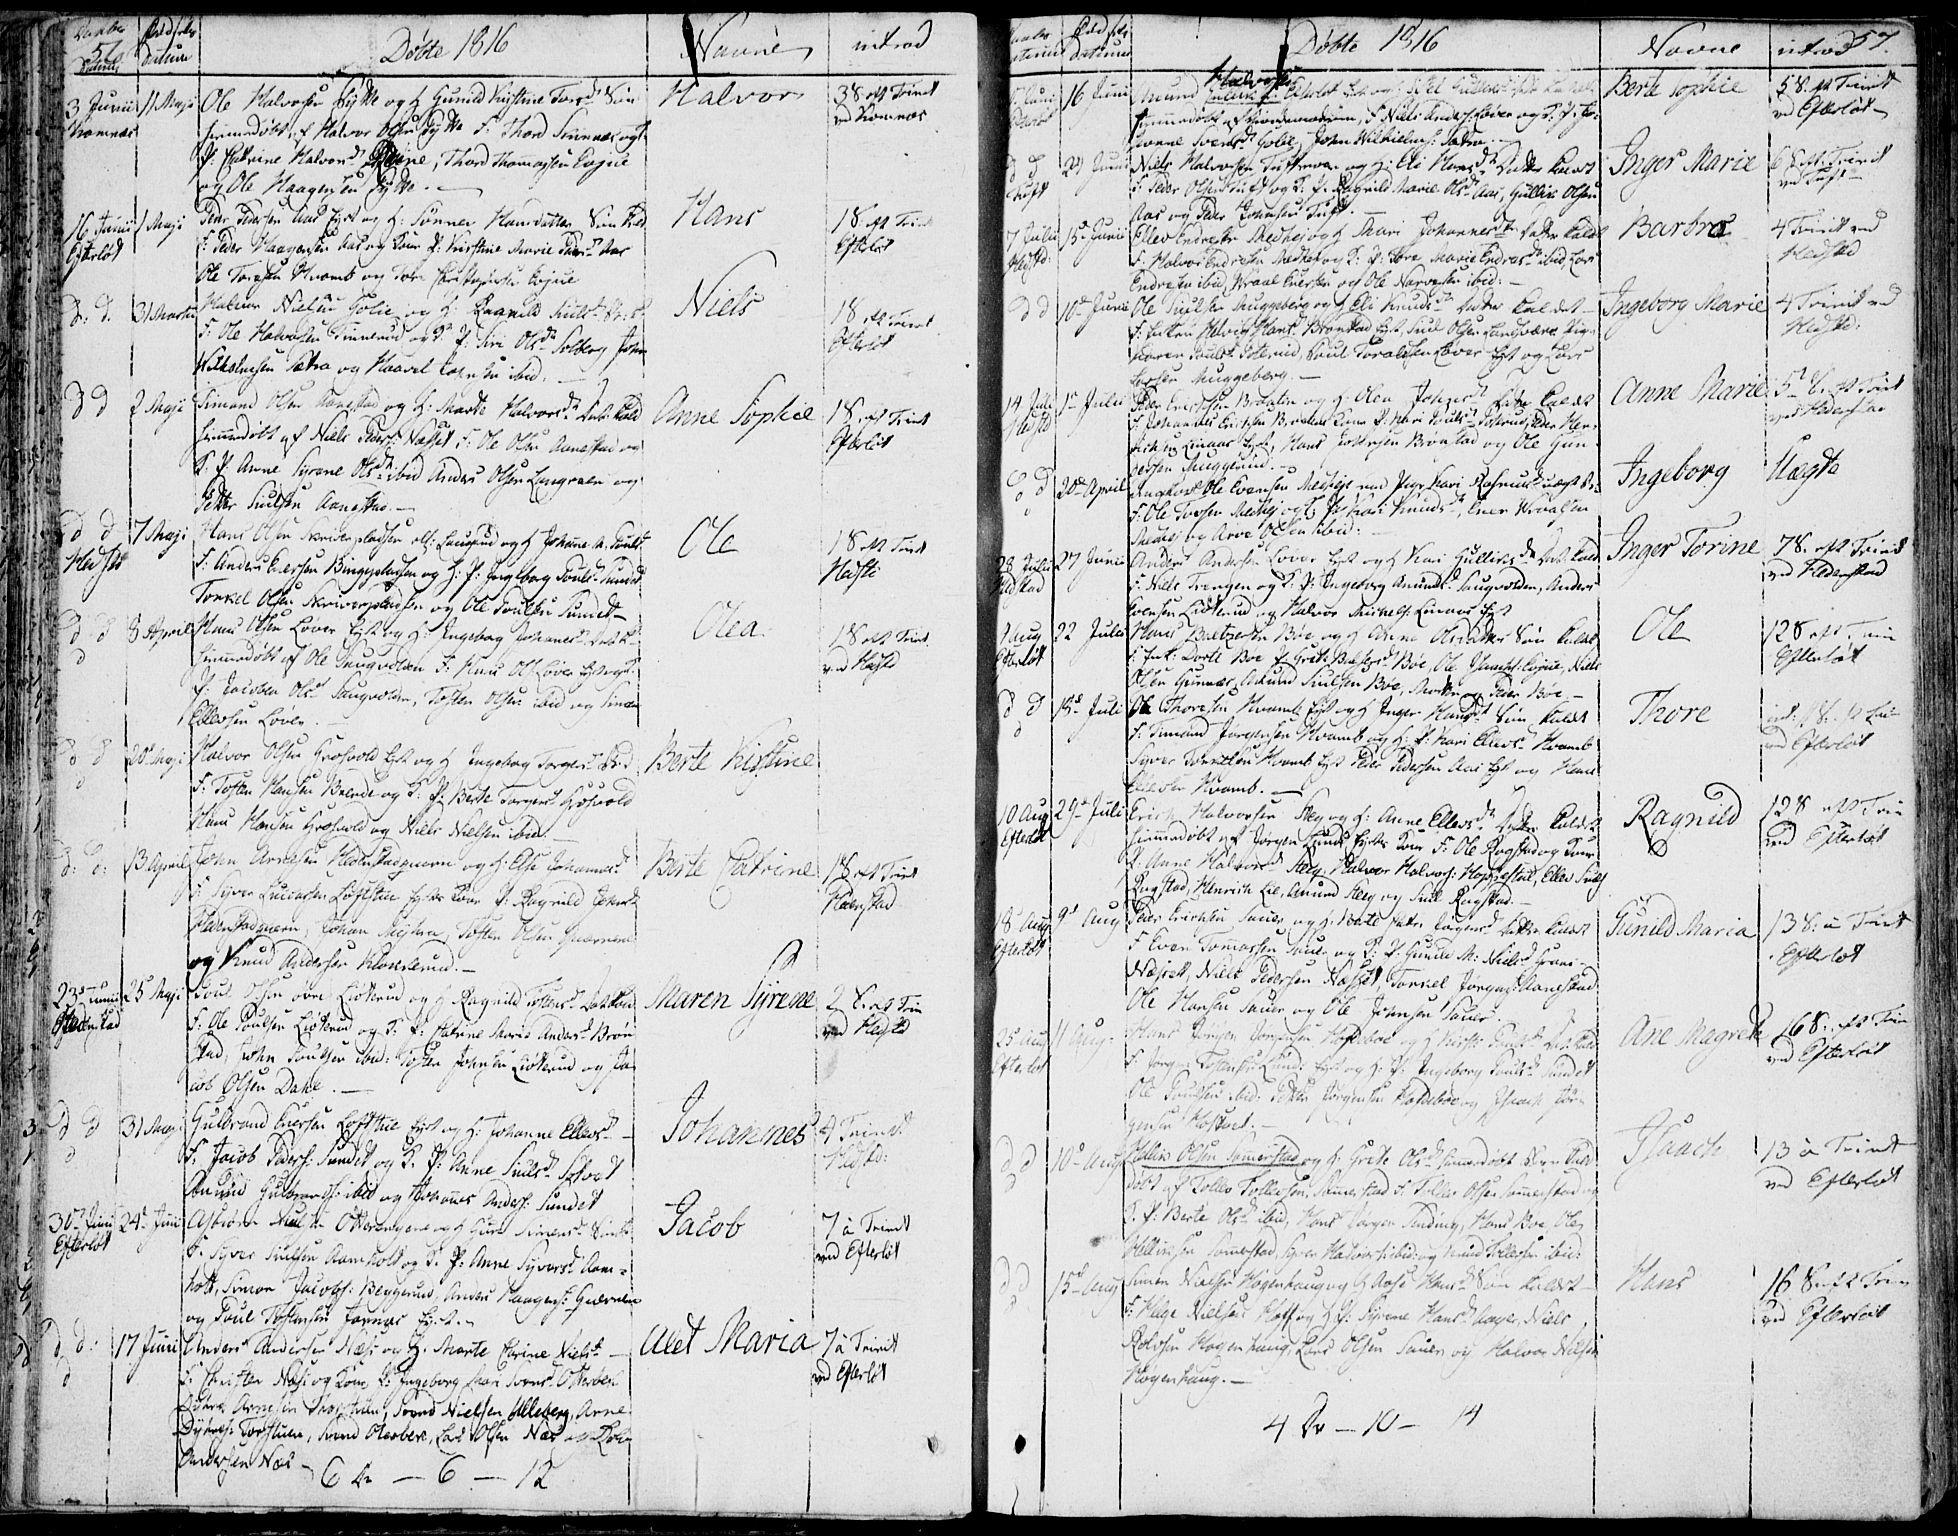 SAKO, Sandsvær kirkebøker, F/Fa/L0003: Ministerialbok nr. I 3, 1809-1817, s. 56-57